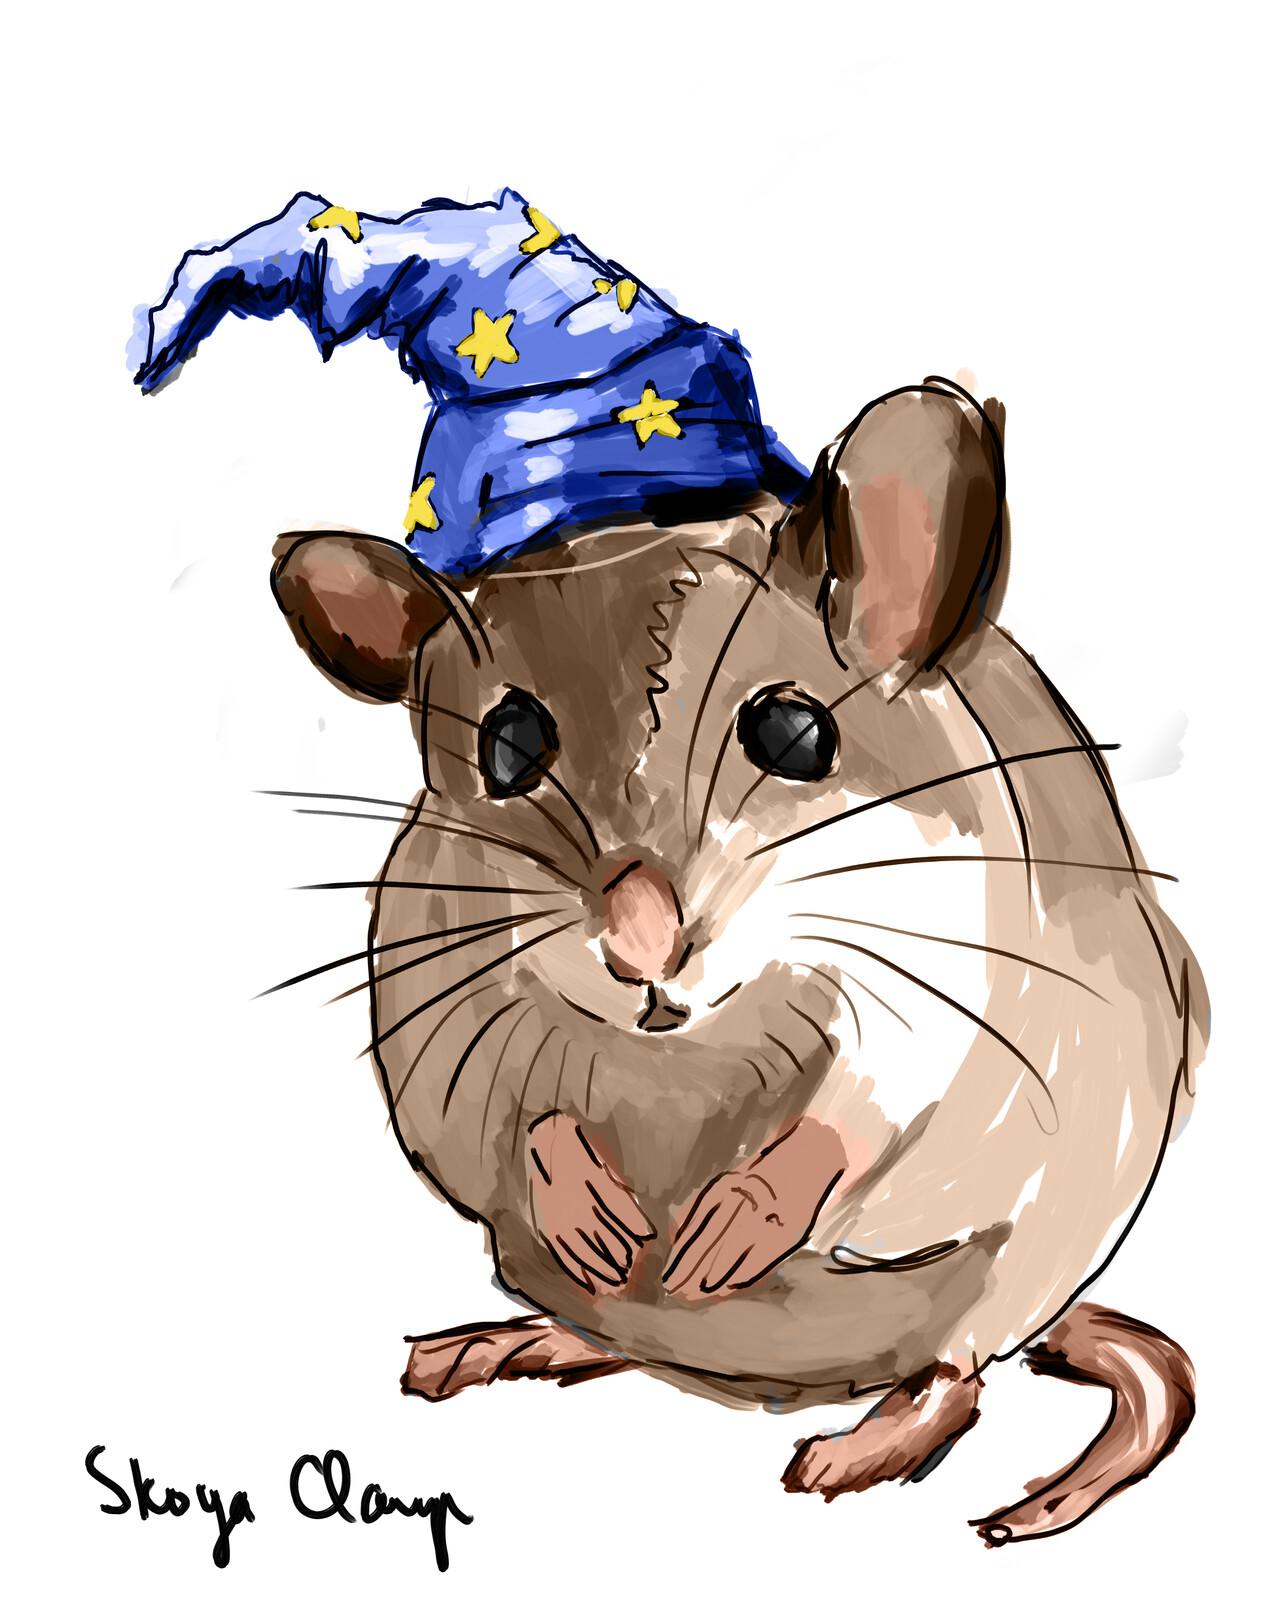 Mousey Fantasia